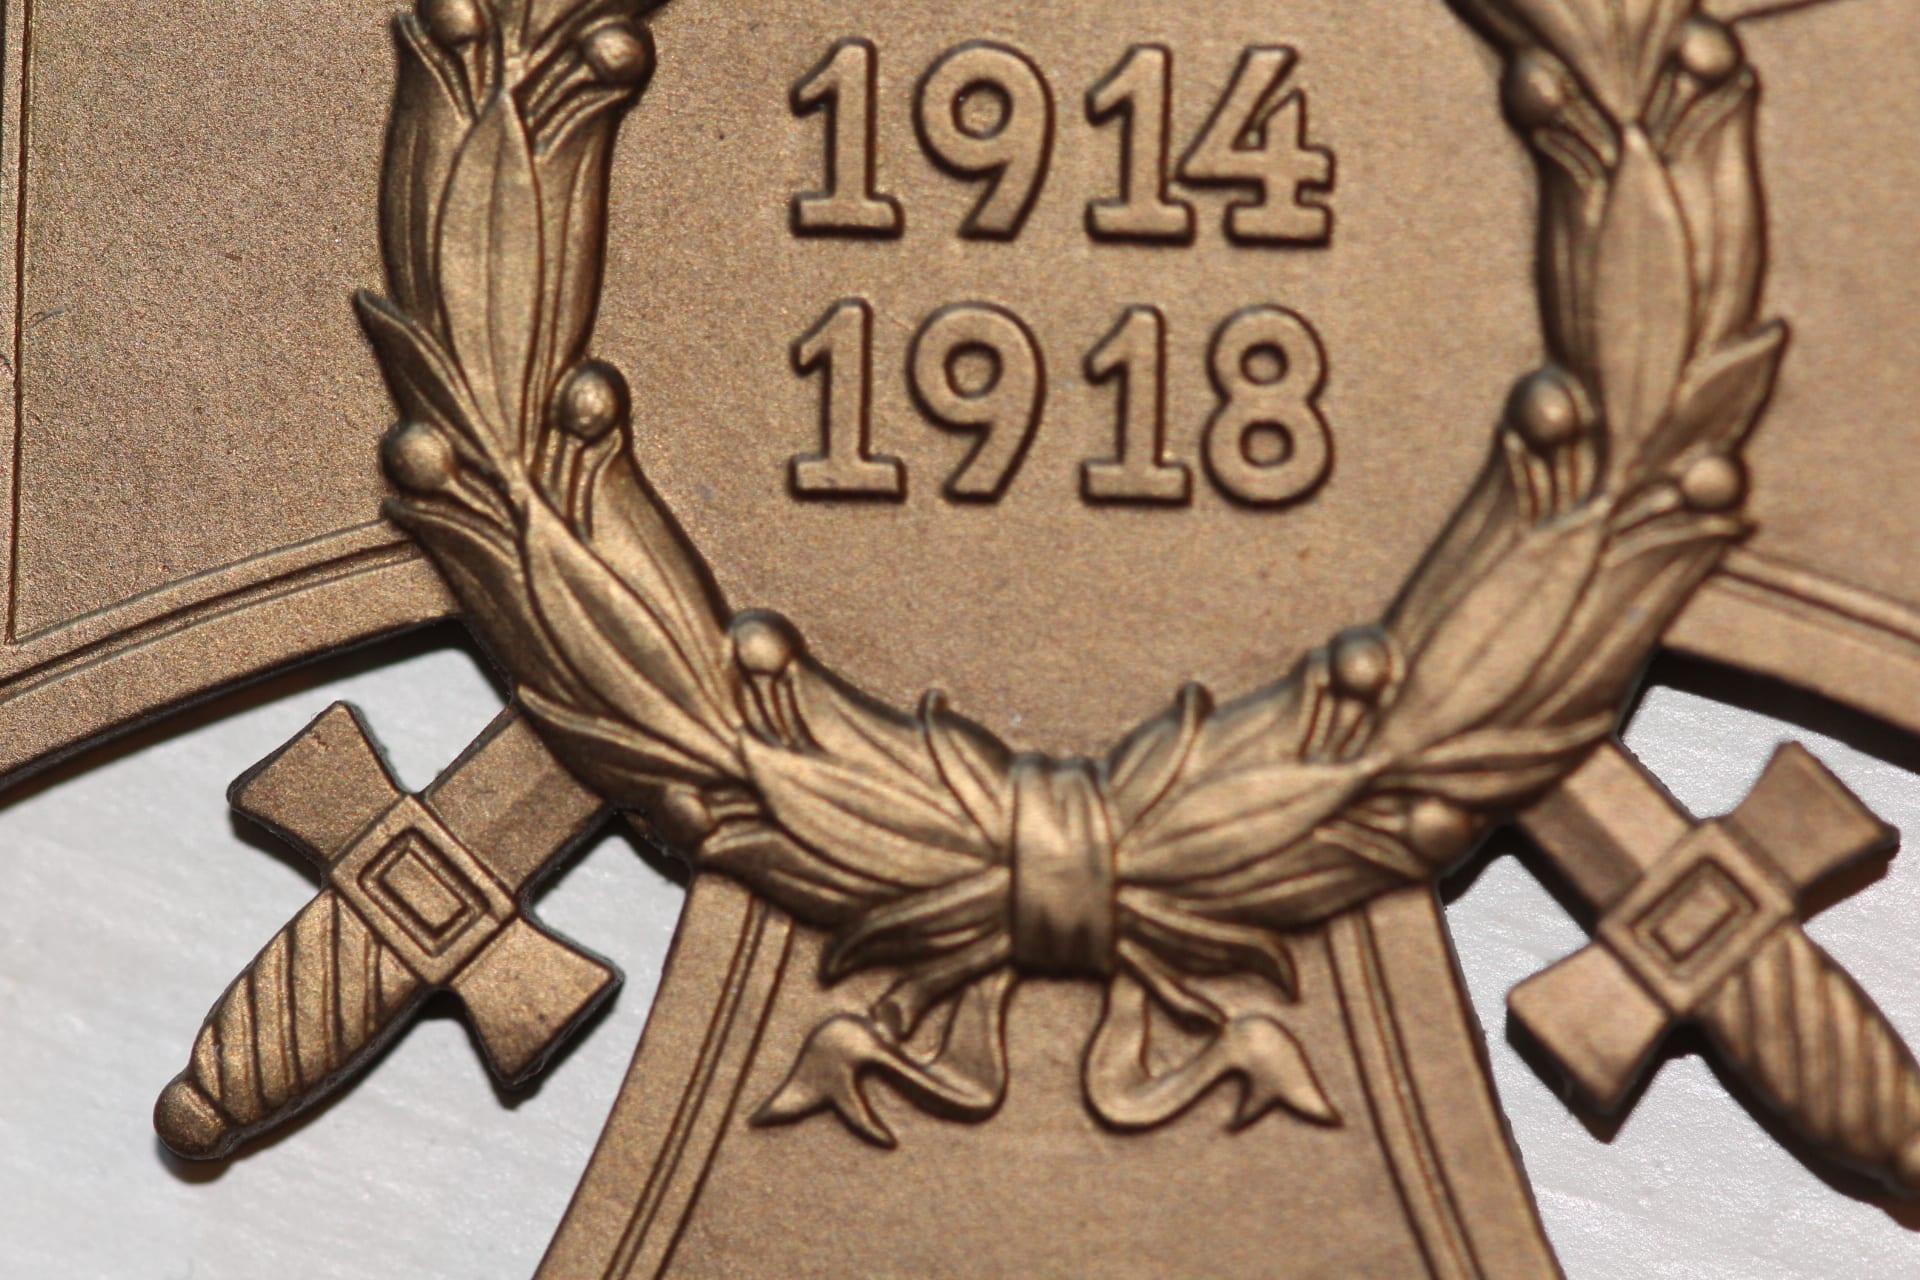 Uniform verkaufen Wehrmacht stuttgart